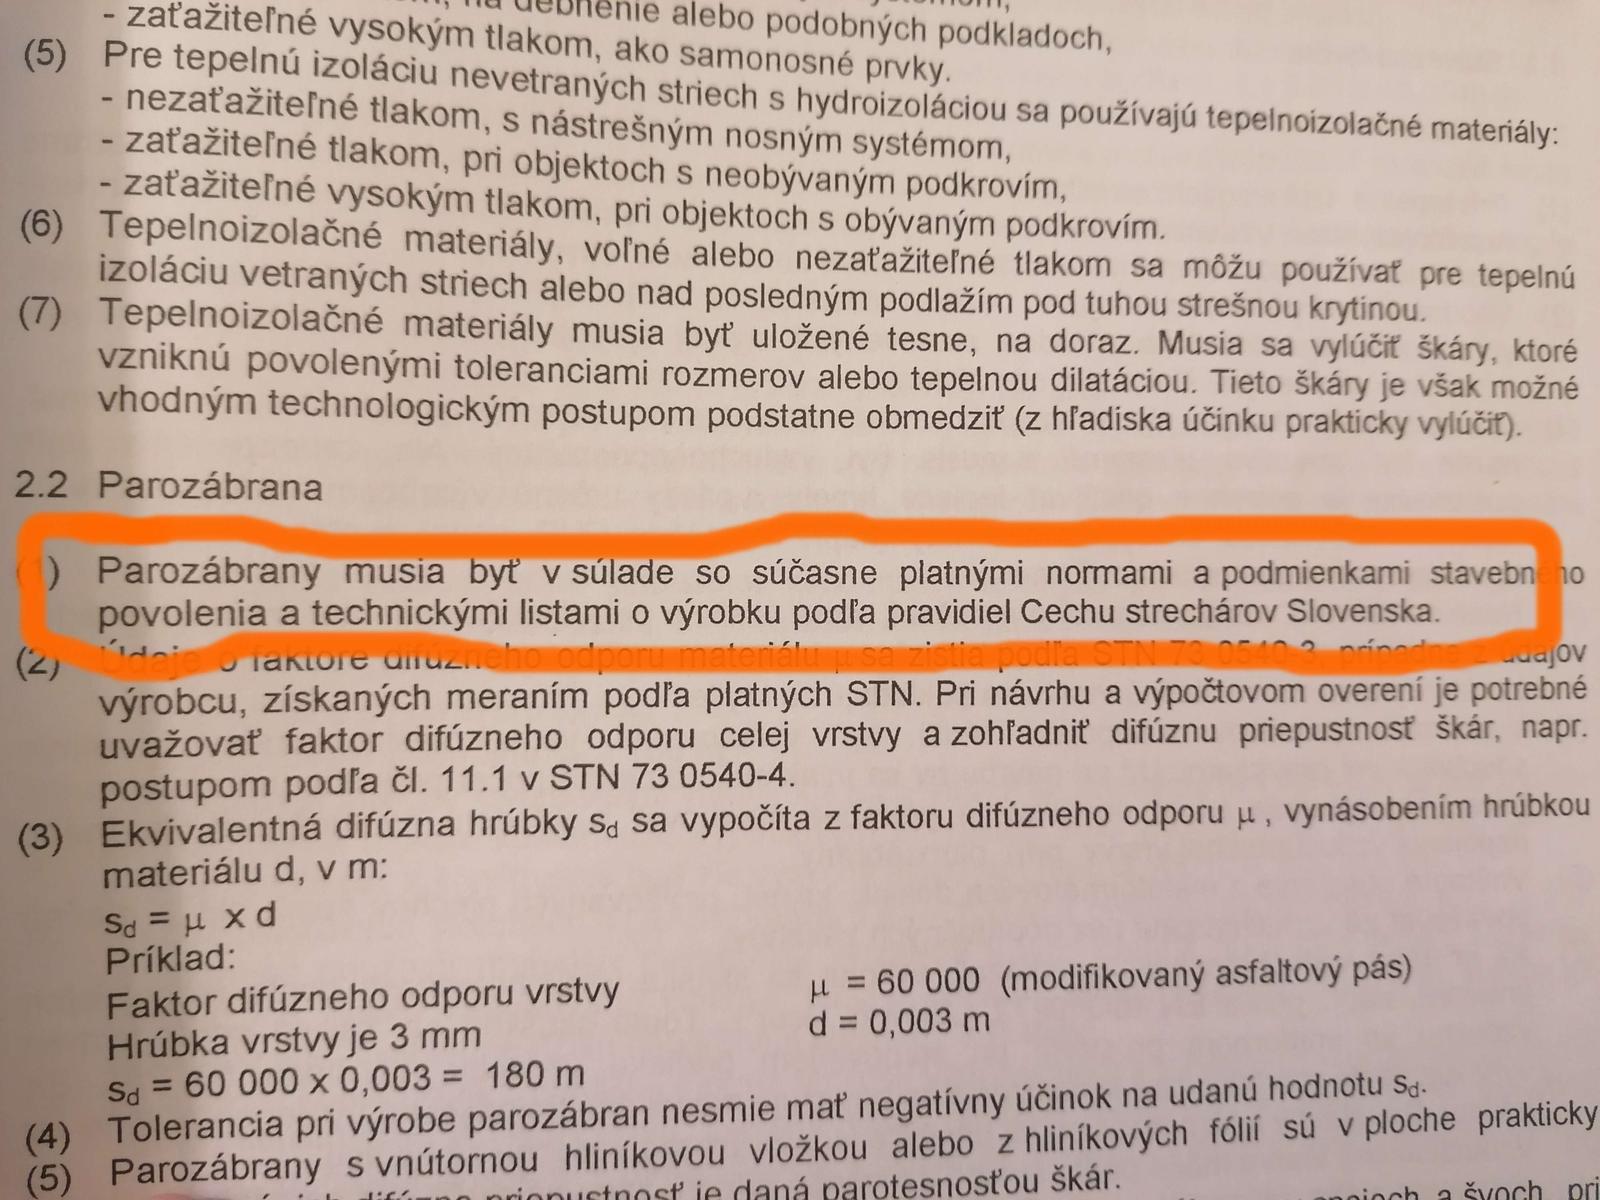 @rkorba Cech strechárov (nie... - Obrázok č. 1